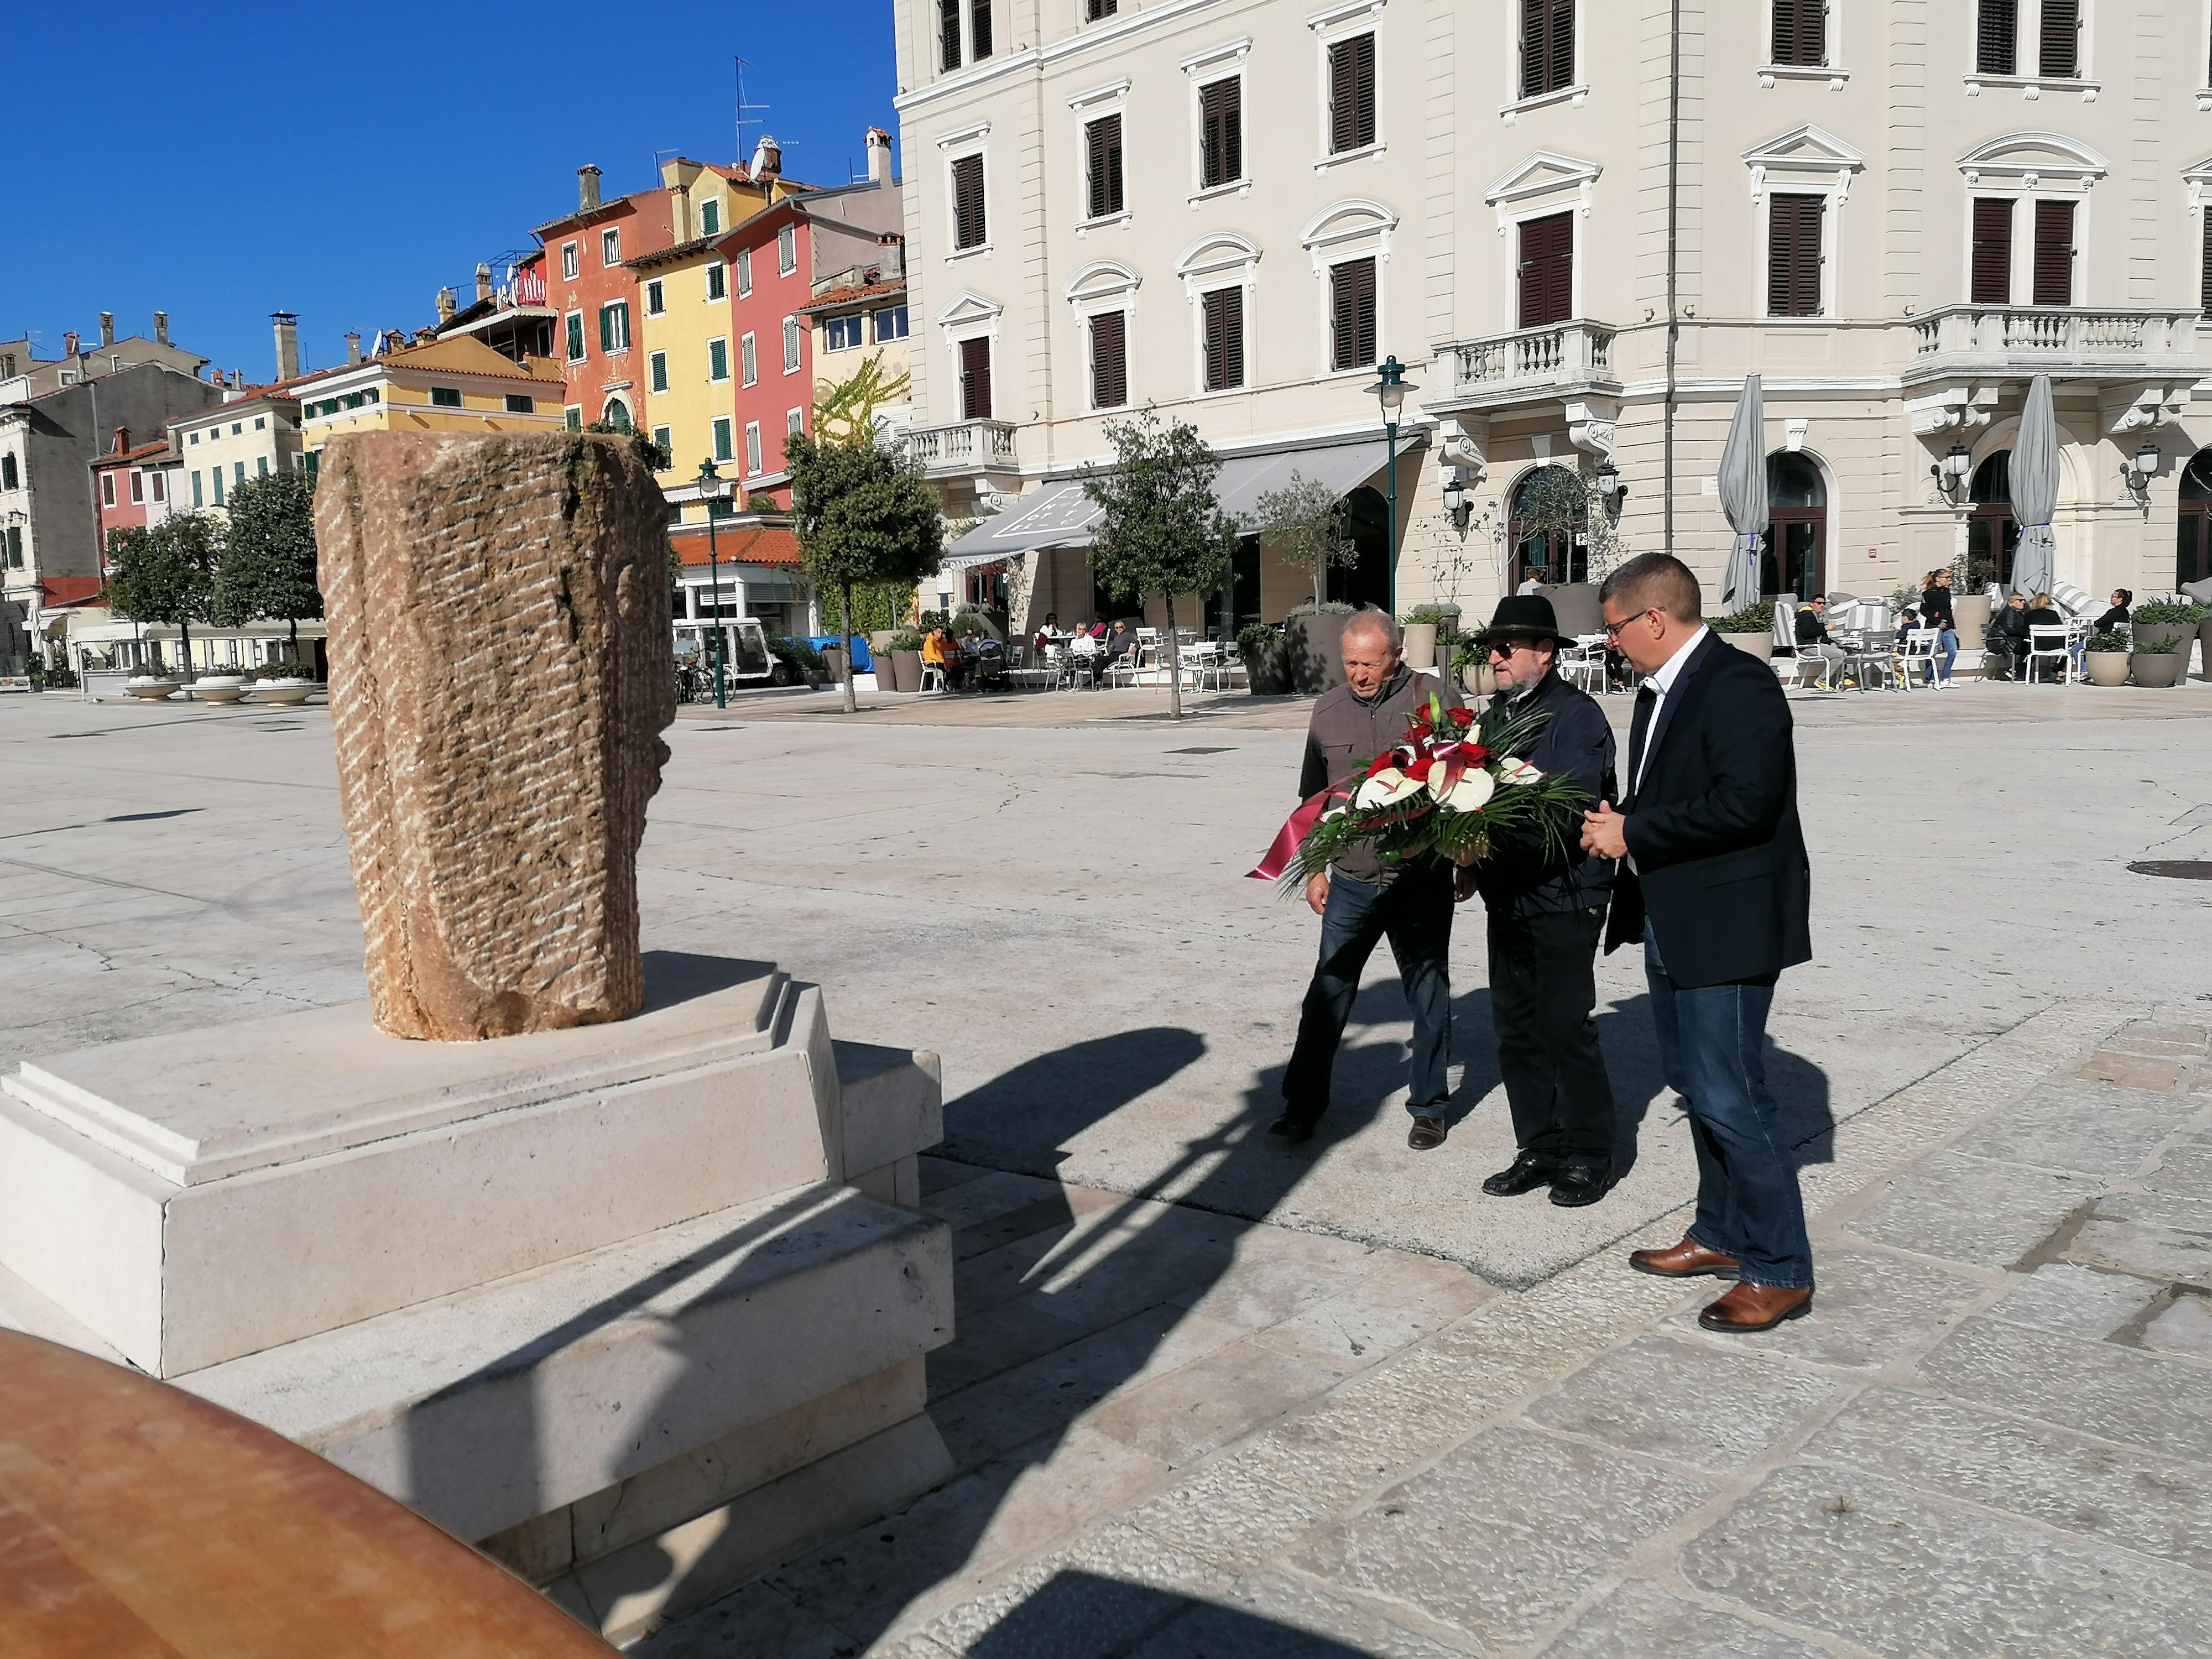 Na trgu održana komemoracija za Antona Bučkovića